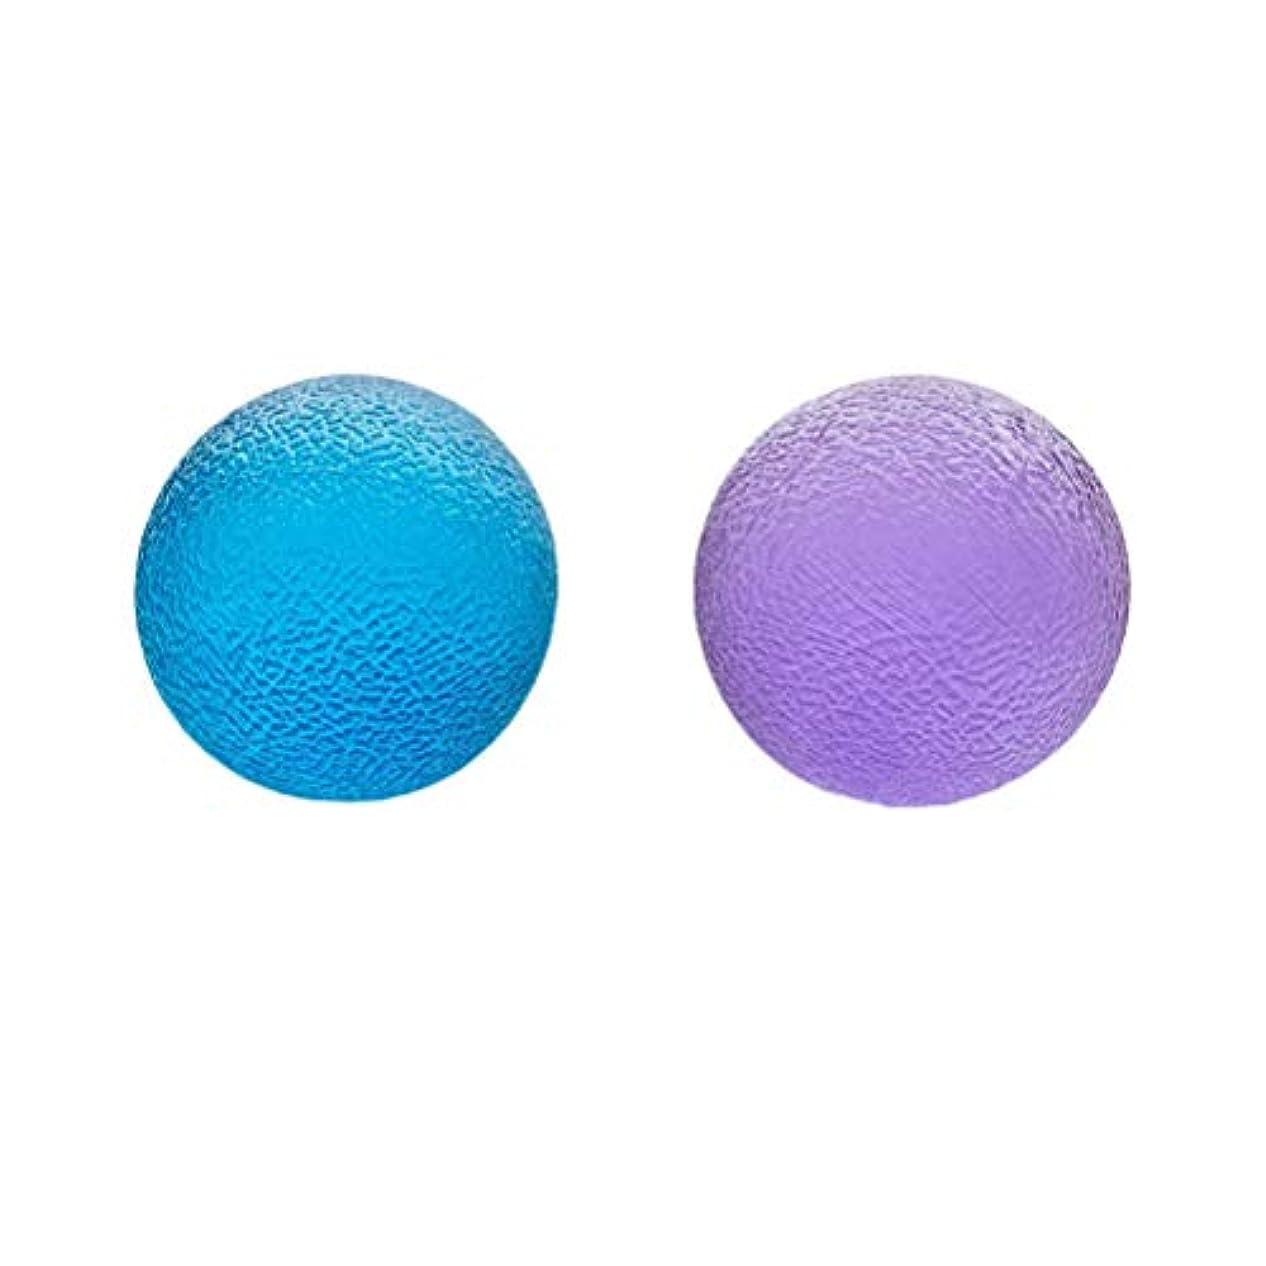 重要な役割を果たす、中心的な手段となるスイ同性愛者SUPVOX 2本ハンドグリップ強化ツールワークアウトグリップ強度トレーナーボール強化ツール関節炎指ハンド(ブルーパープル)